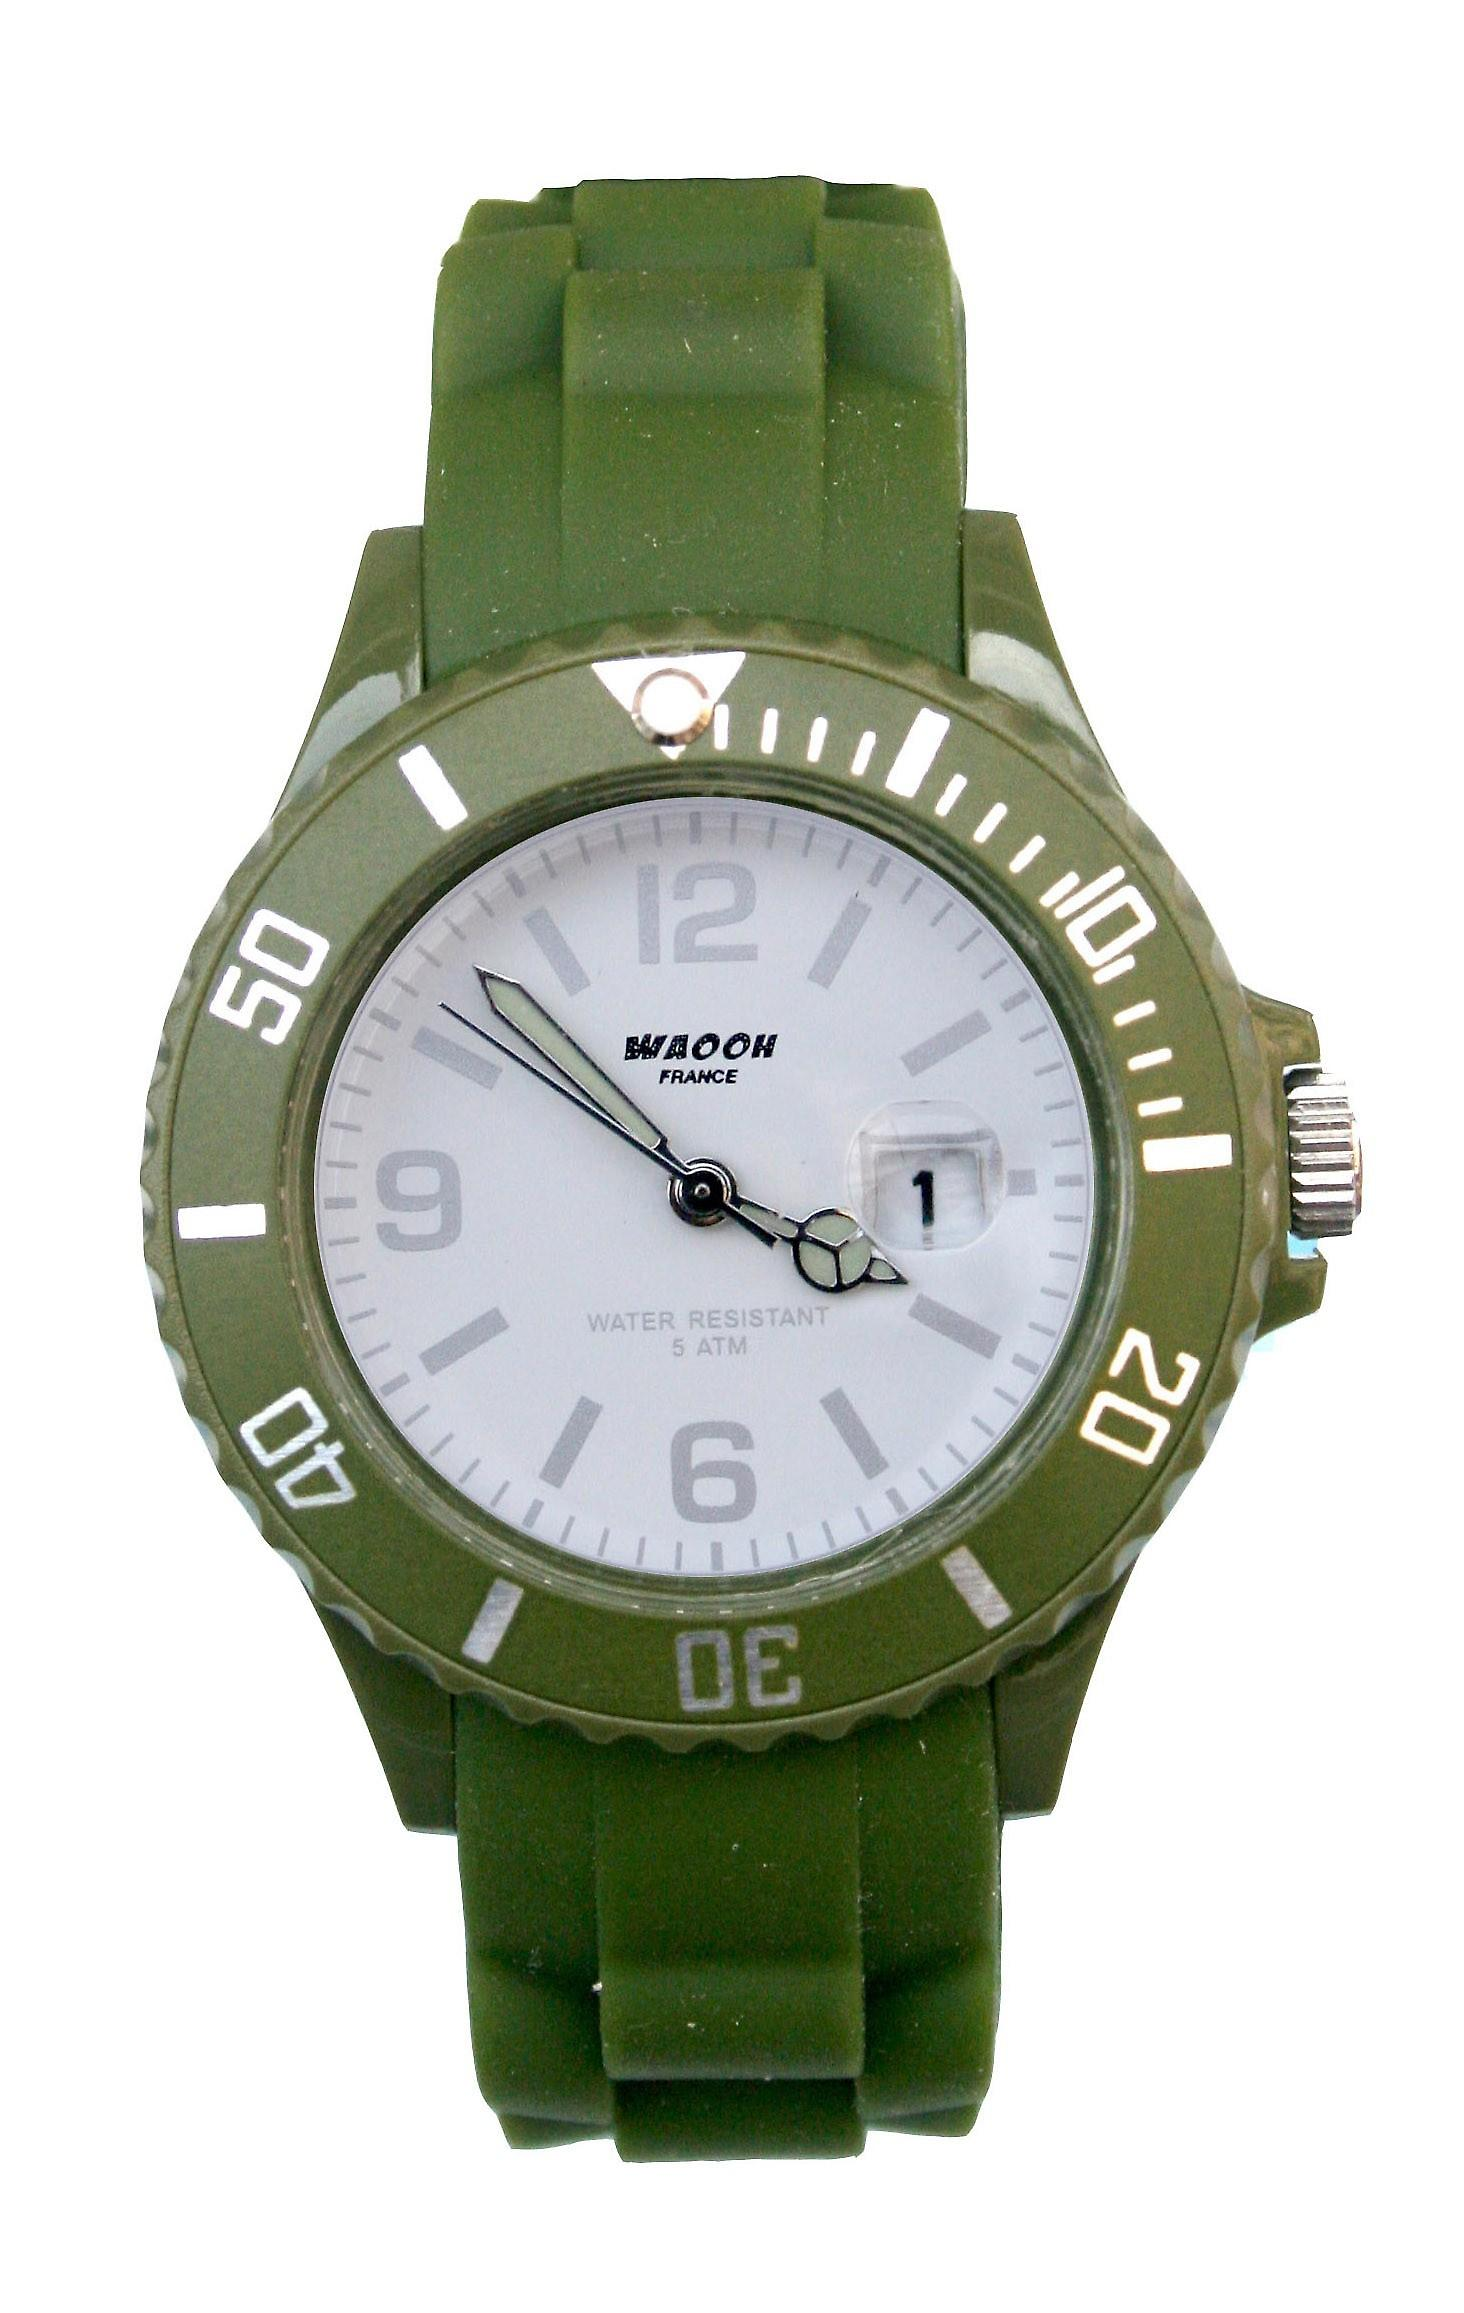 Waooh - orologi - orologio Waooh ghiaccio Monaco 38 braccialetto colore